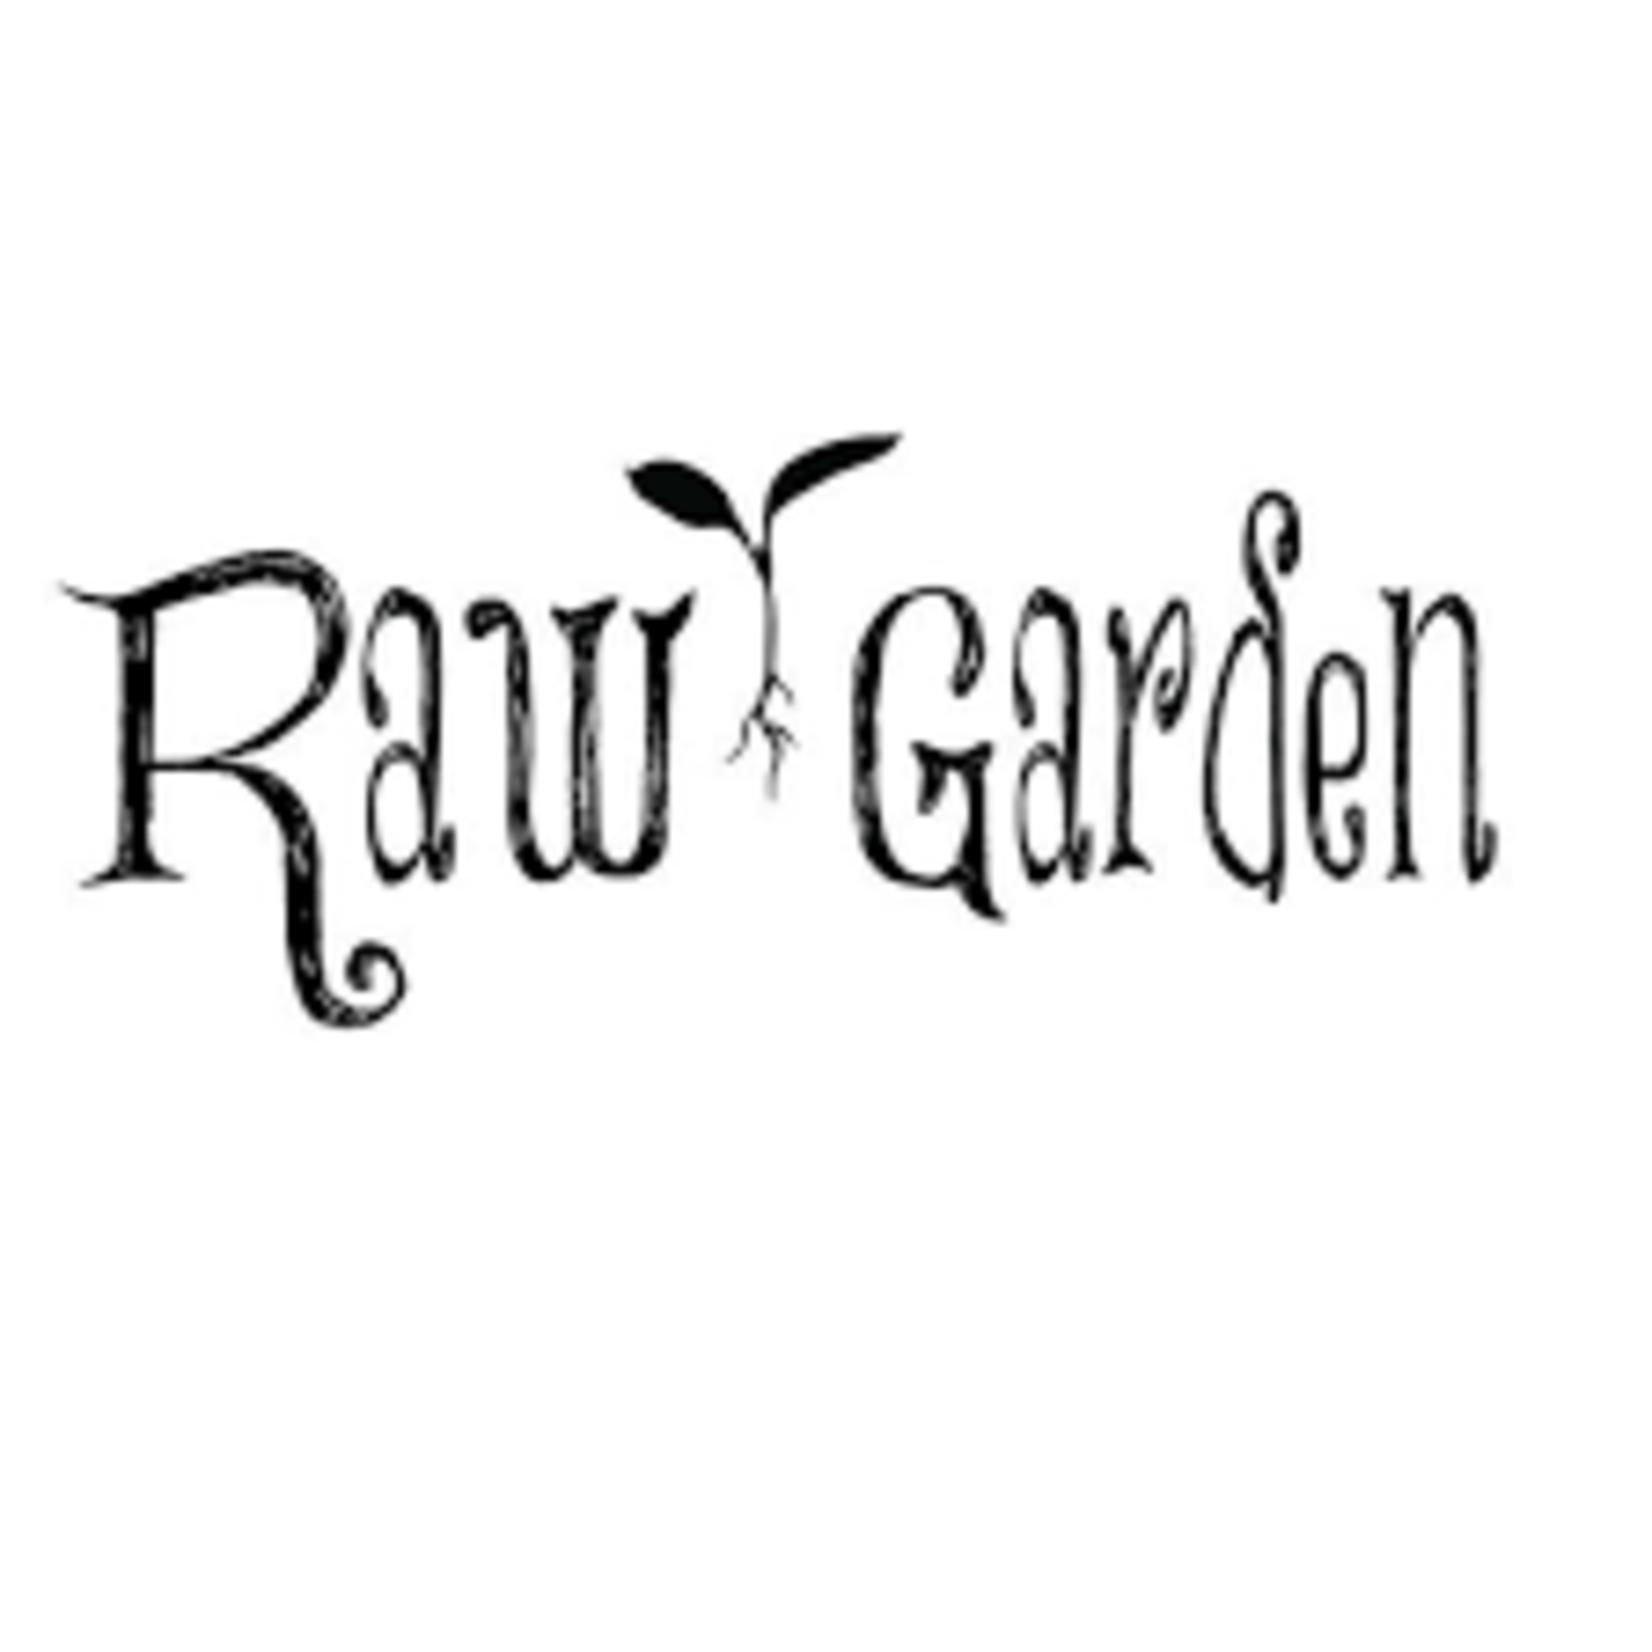 Raw Garden / Gluetopia